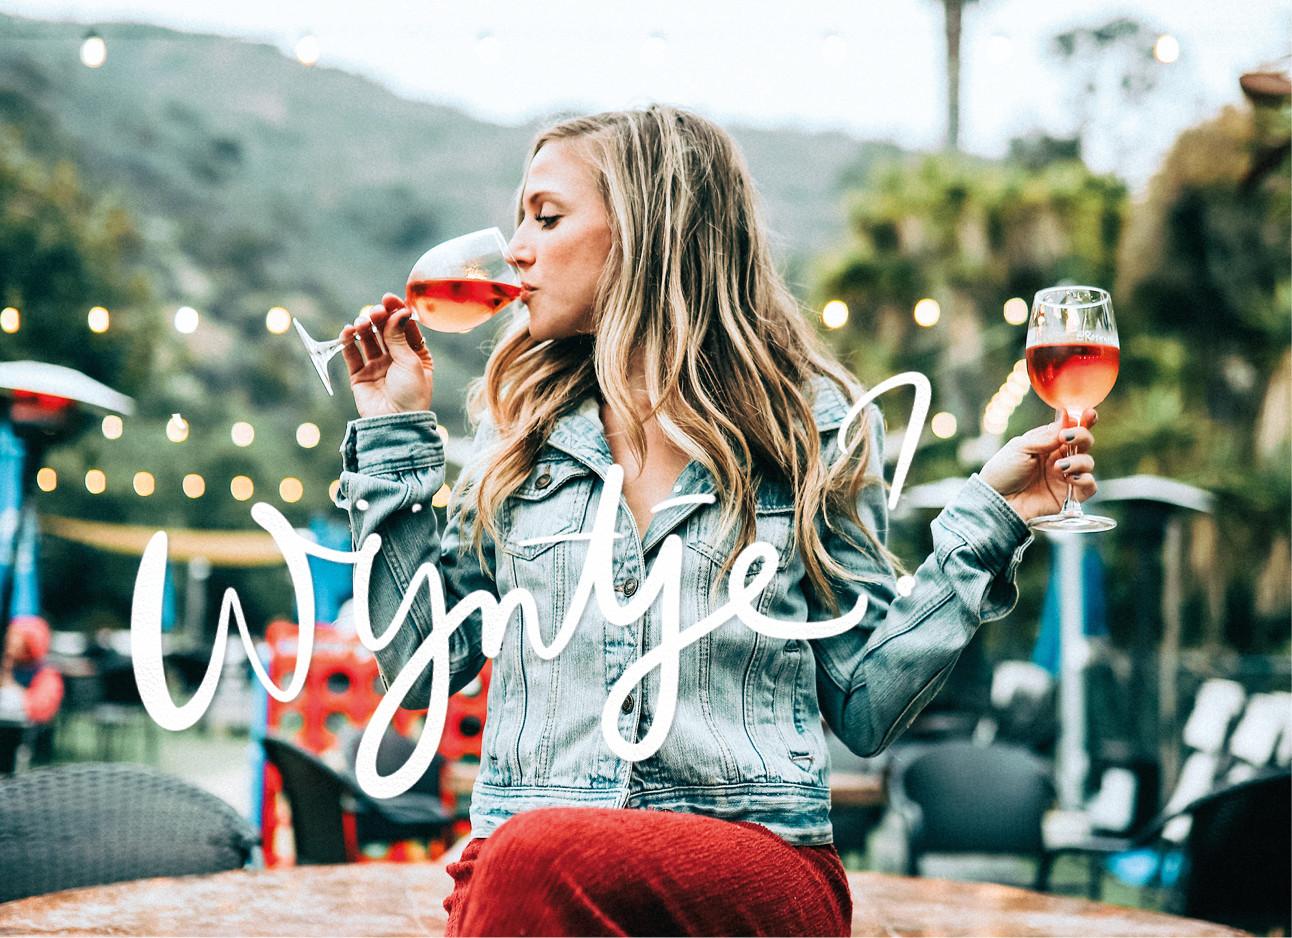 vrouw wijn drinken in haar etentje twee glazen